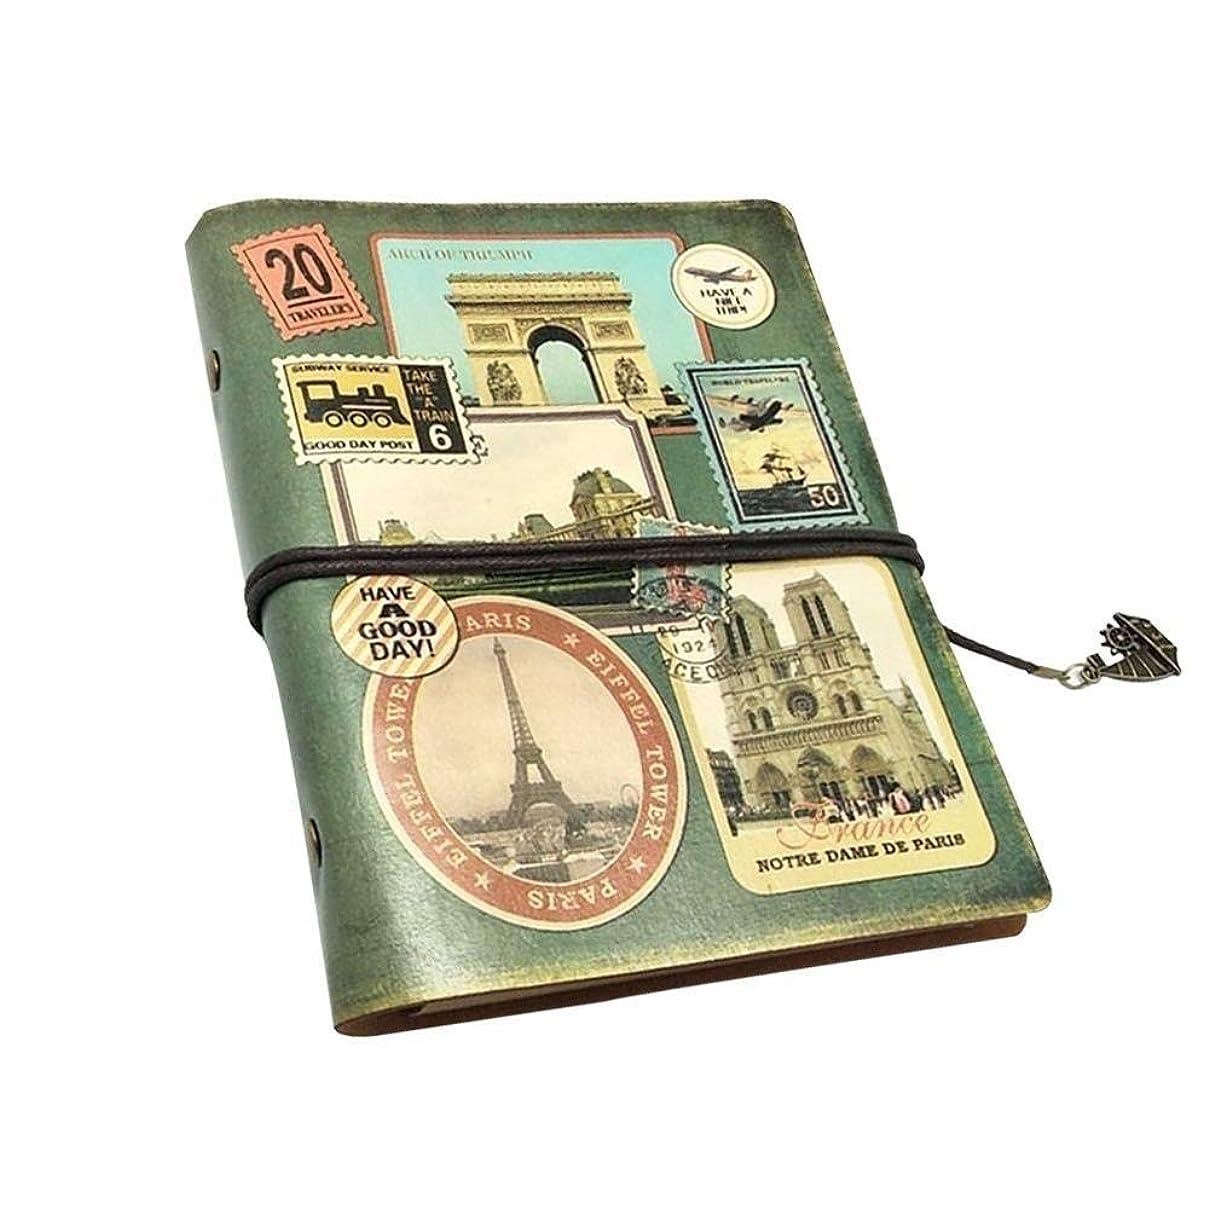 ルーズリーフハンドブック、オフィスノート、メモ帳ジャーナル、ヨーロッパスタイルのレトロPUレザー (Color : 1)